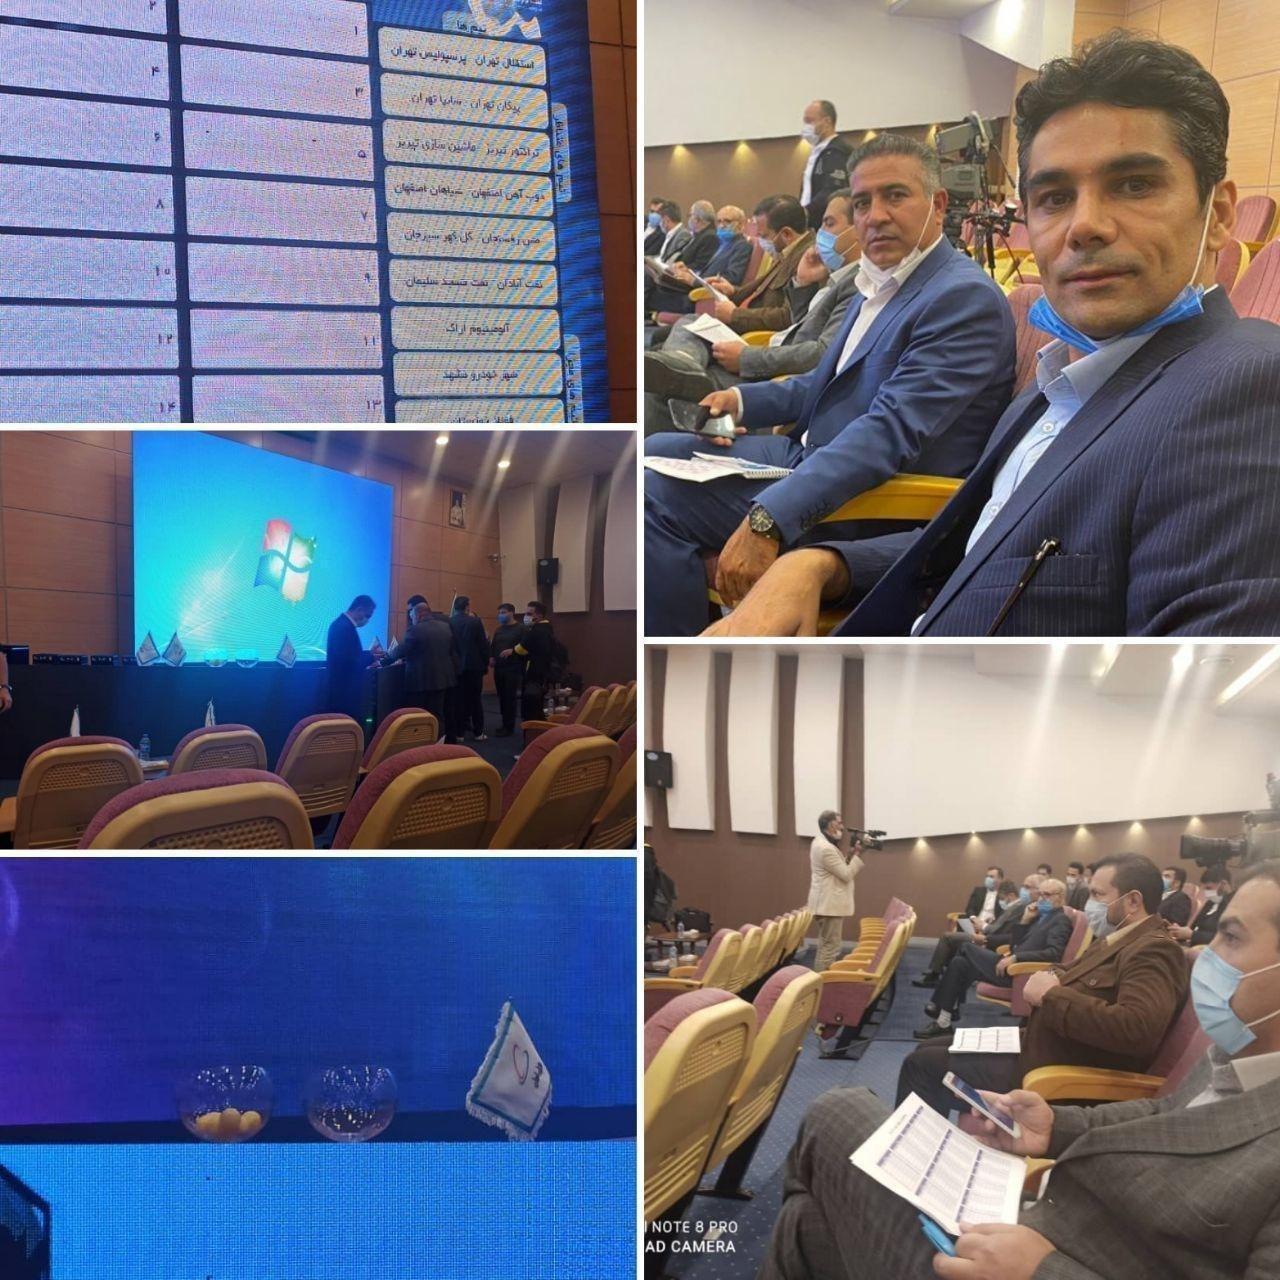 قرعهکشی بیستمین دوره لیگ برتر فوتبال